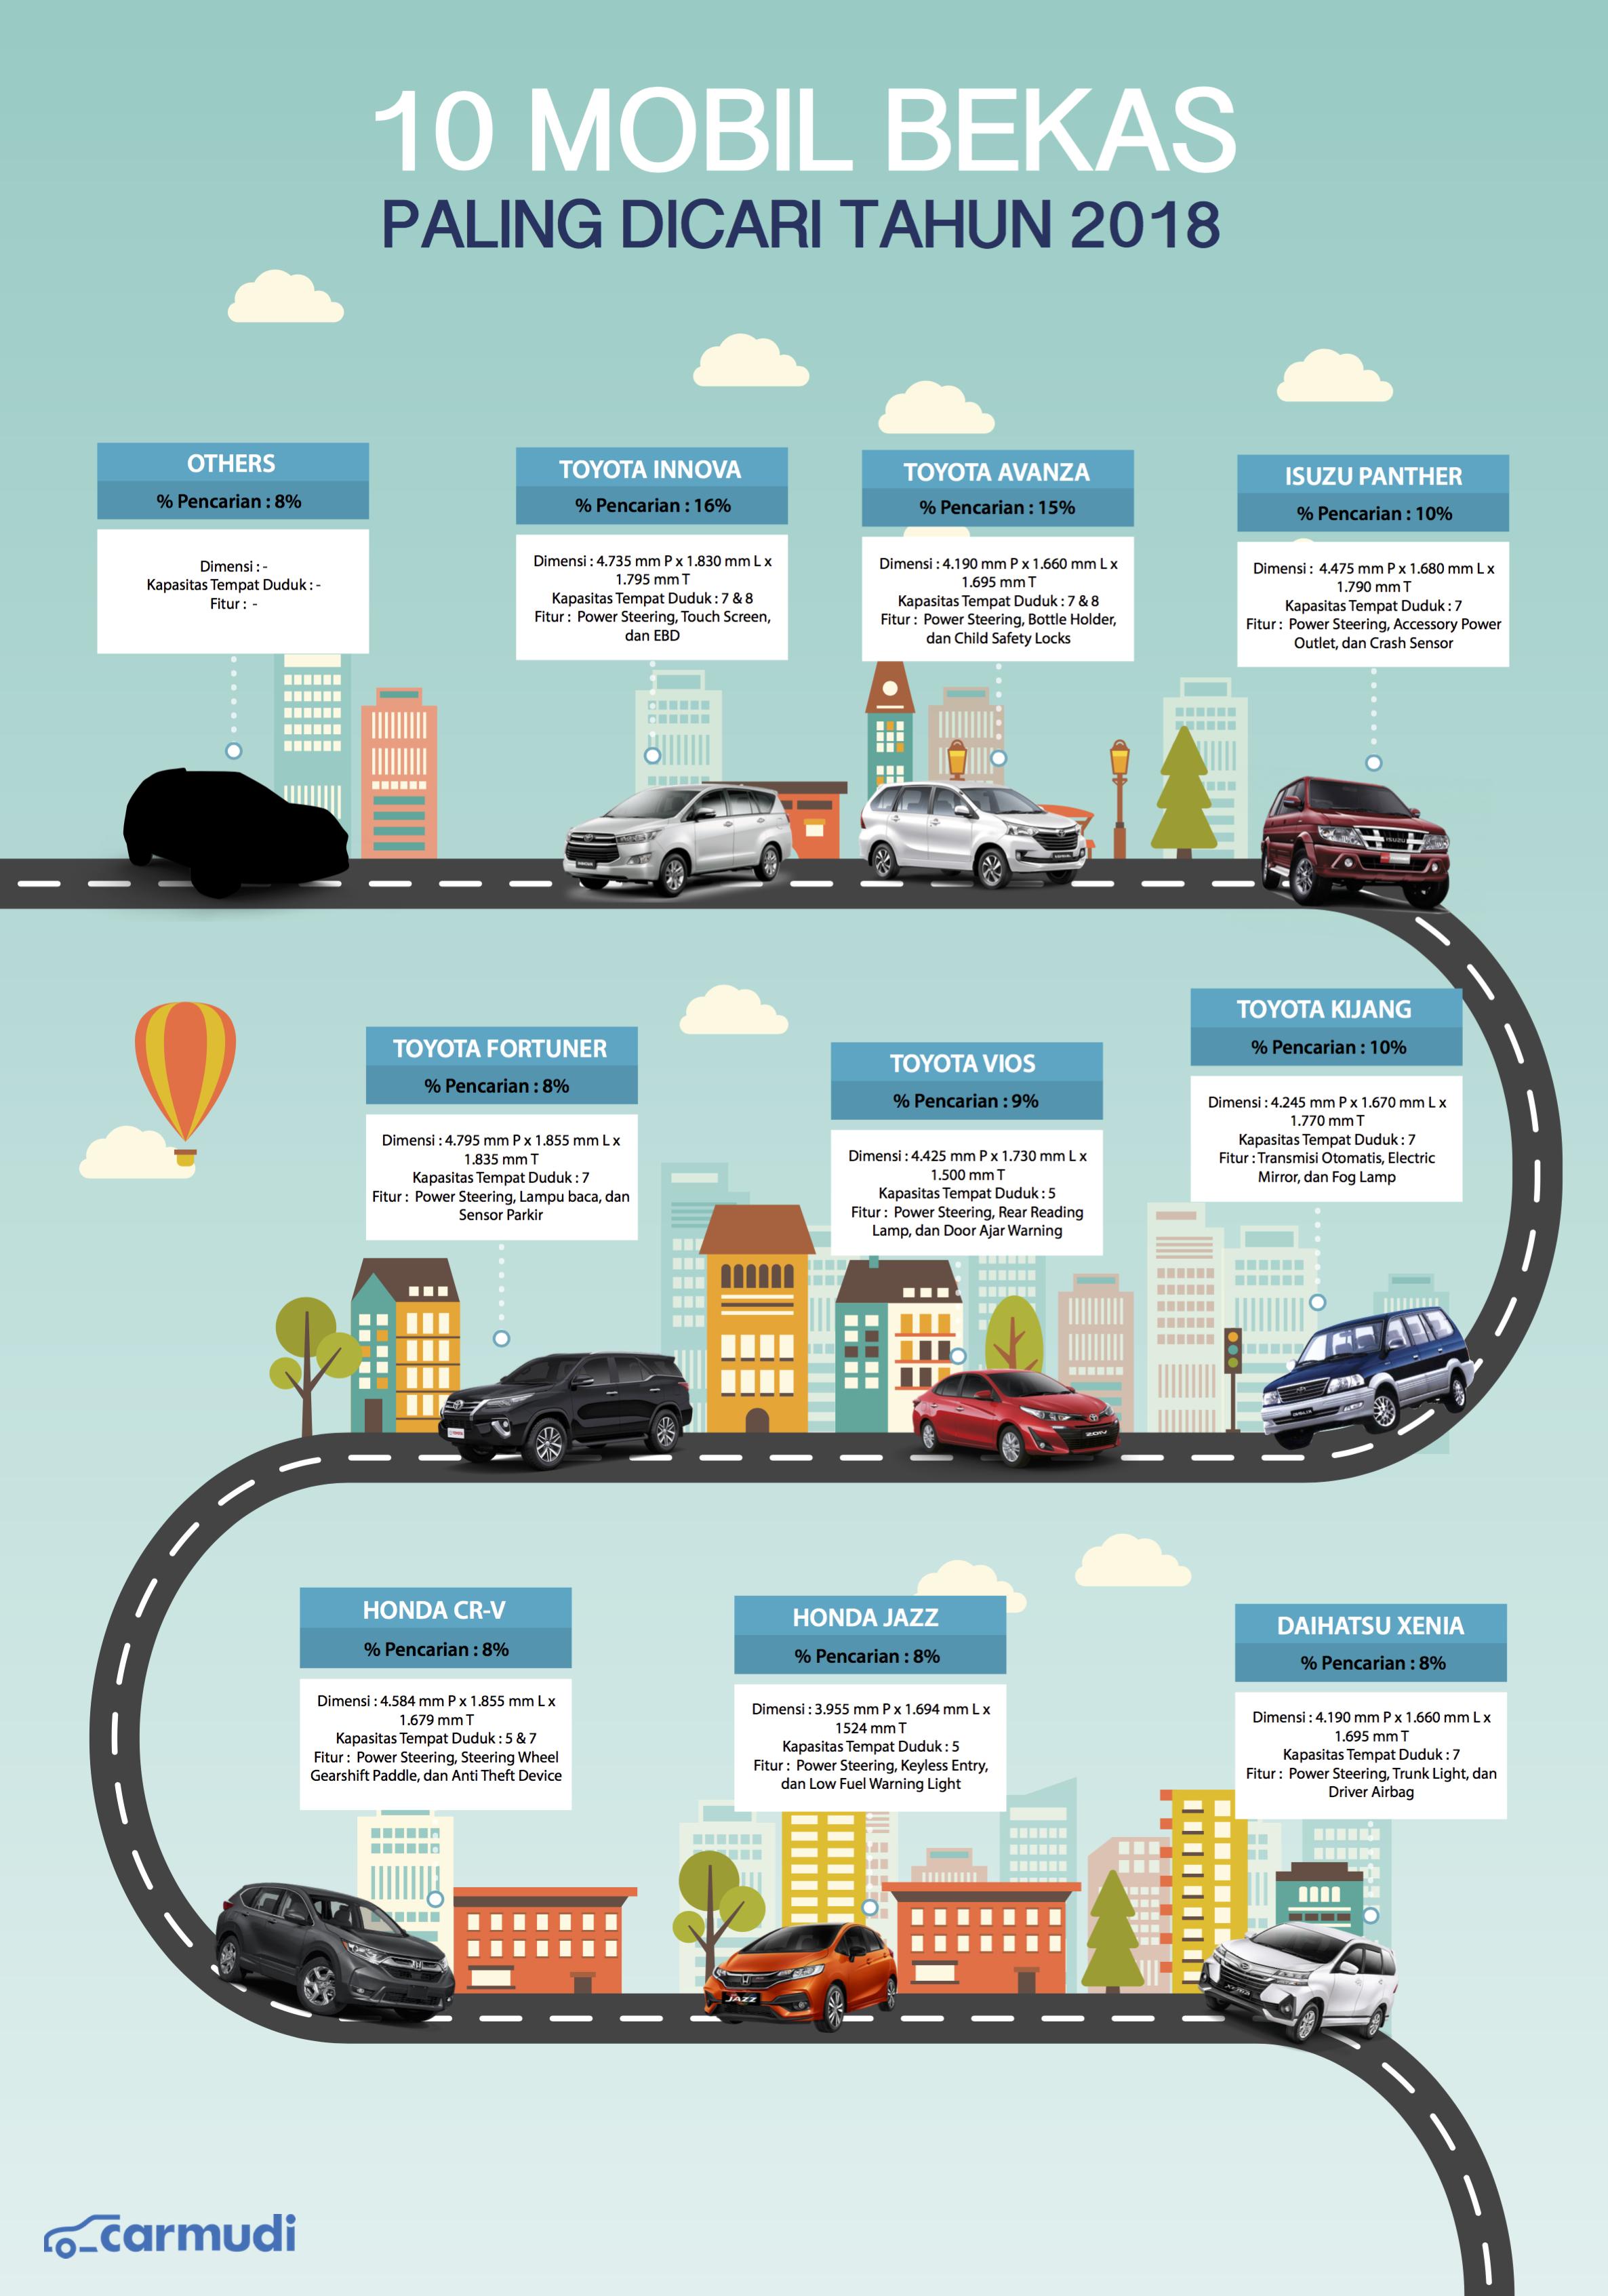 Infografis Mobil Bekas Dicari - Carmudi